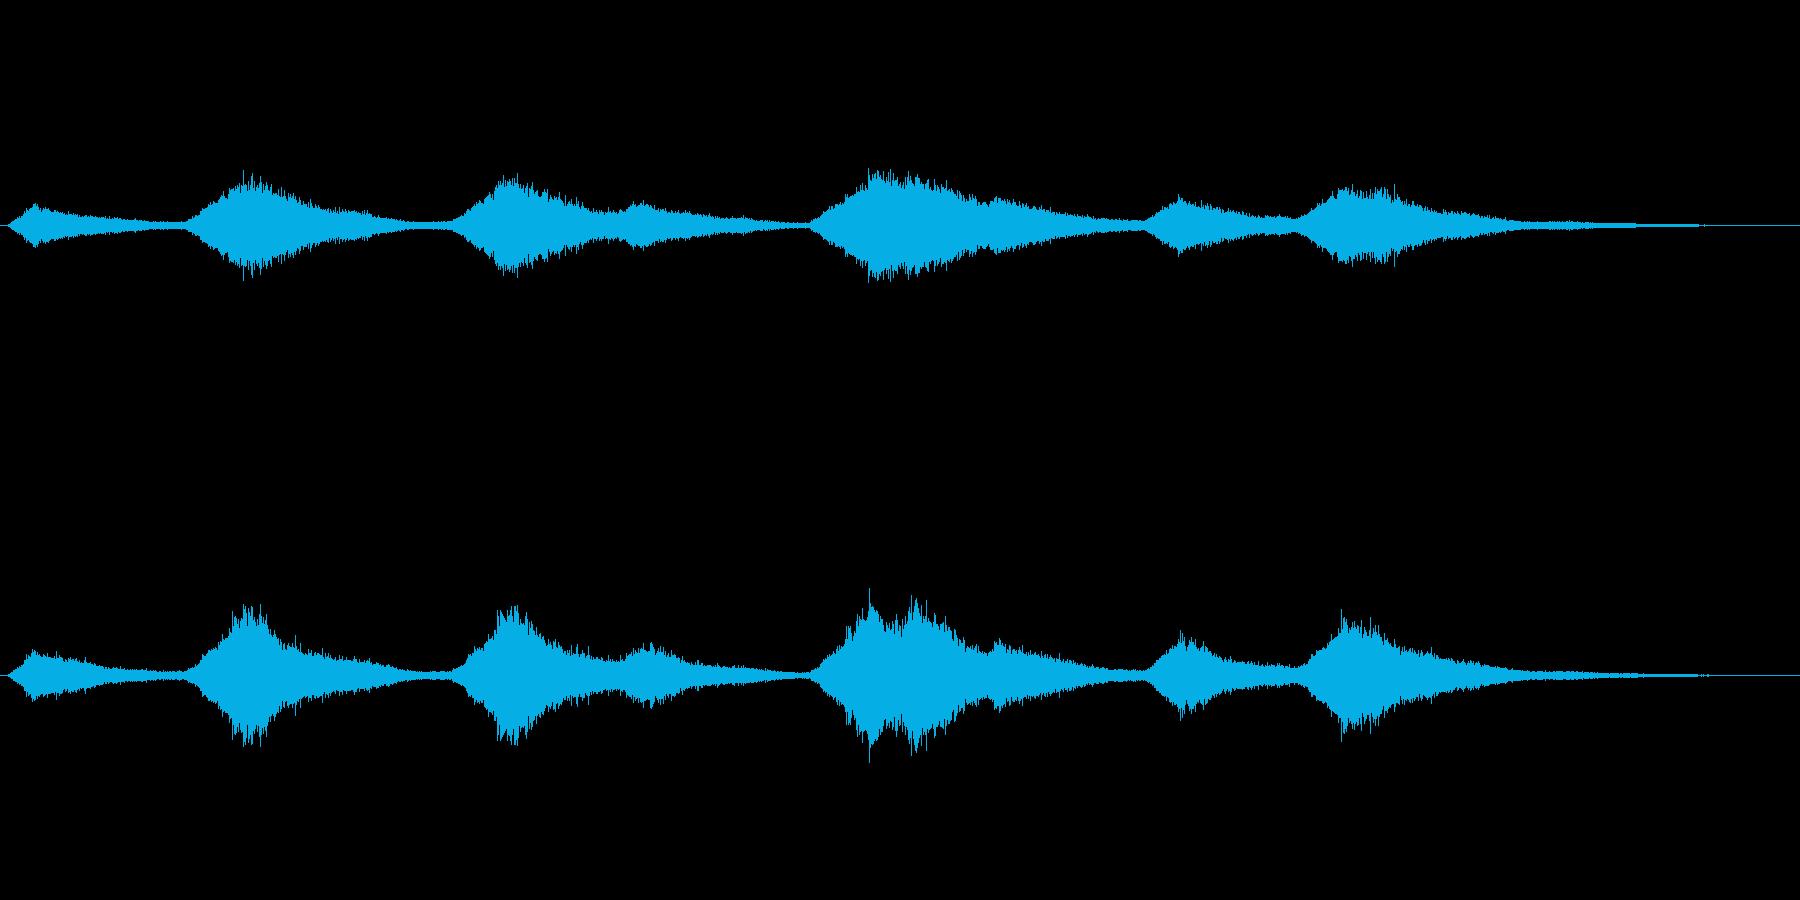 「シャラシャラ、シャ〜」海のさざ波のSEの再生済みの波形